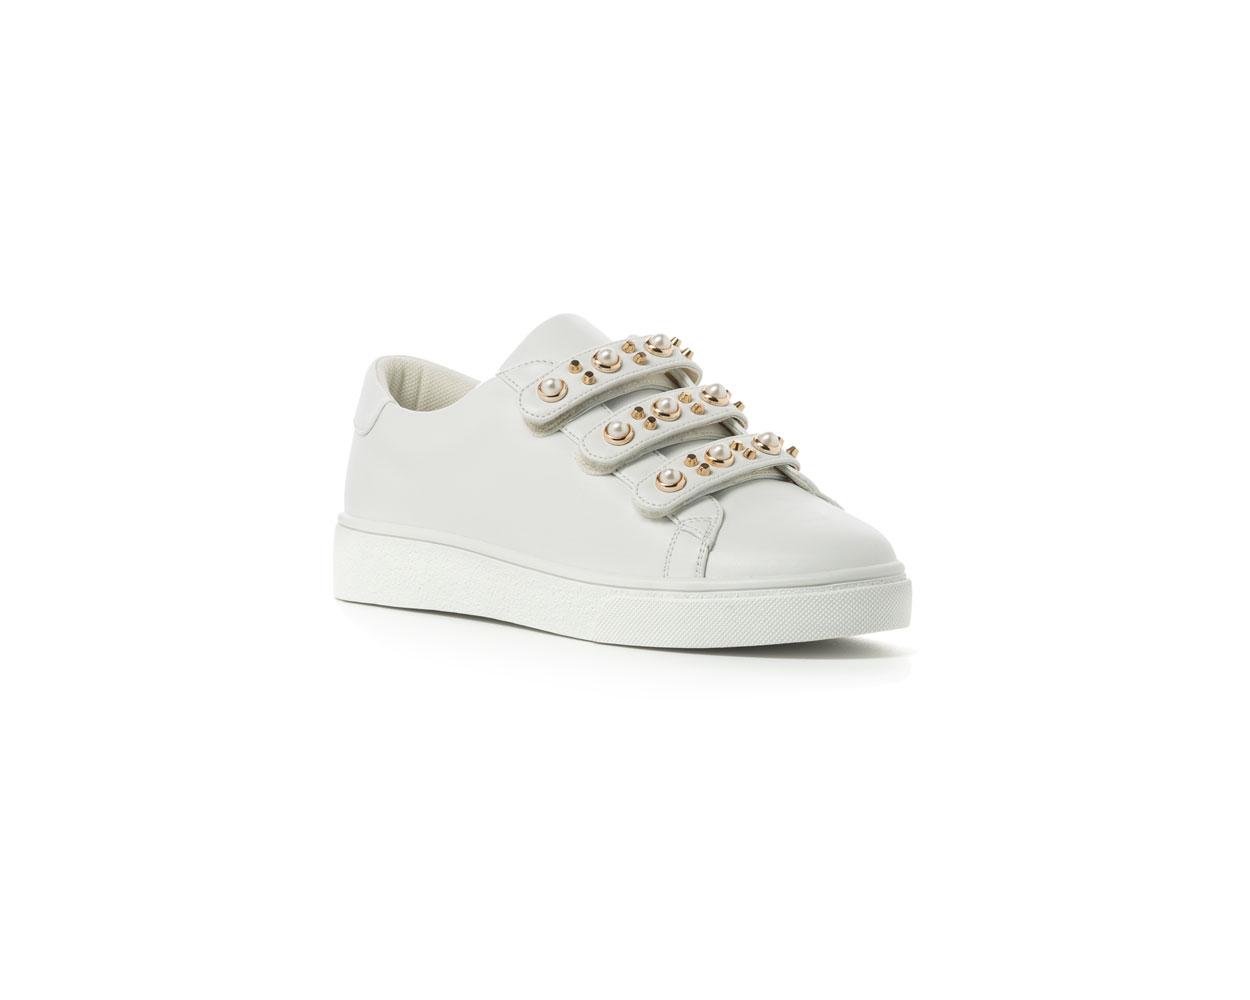 La Chaussures Pittarosso Nouvelle De Collection Sort Sa Boutique YfgyI7b6v